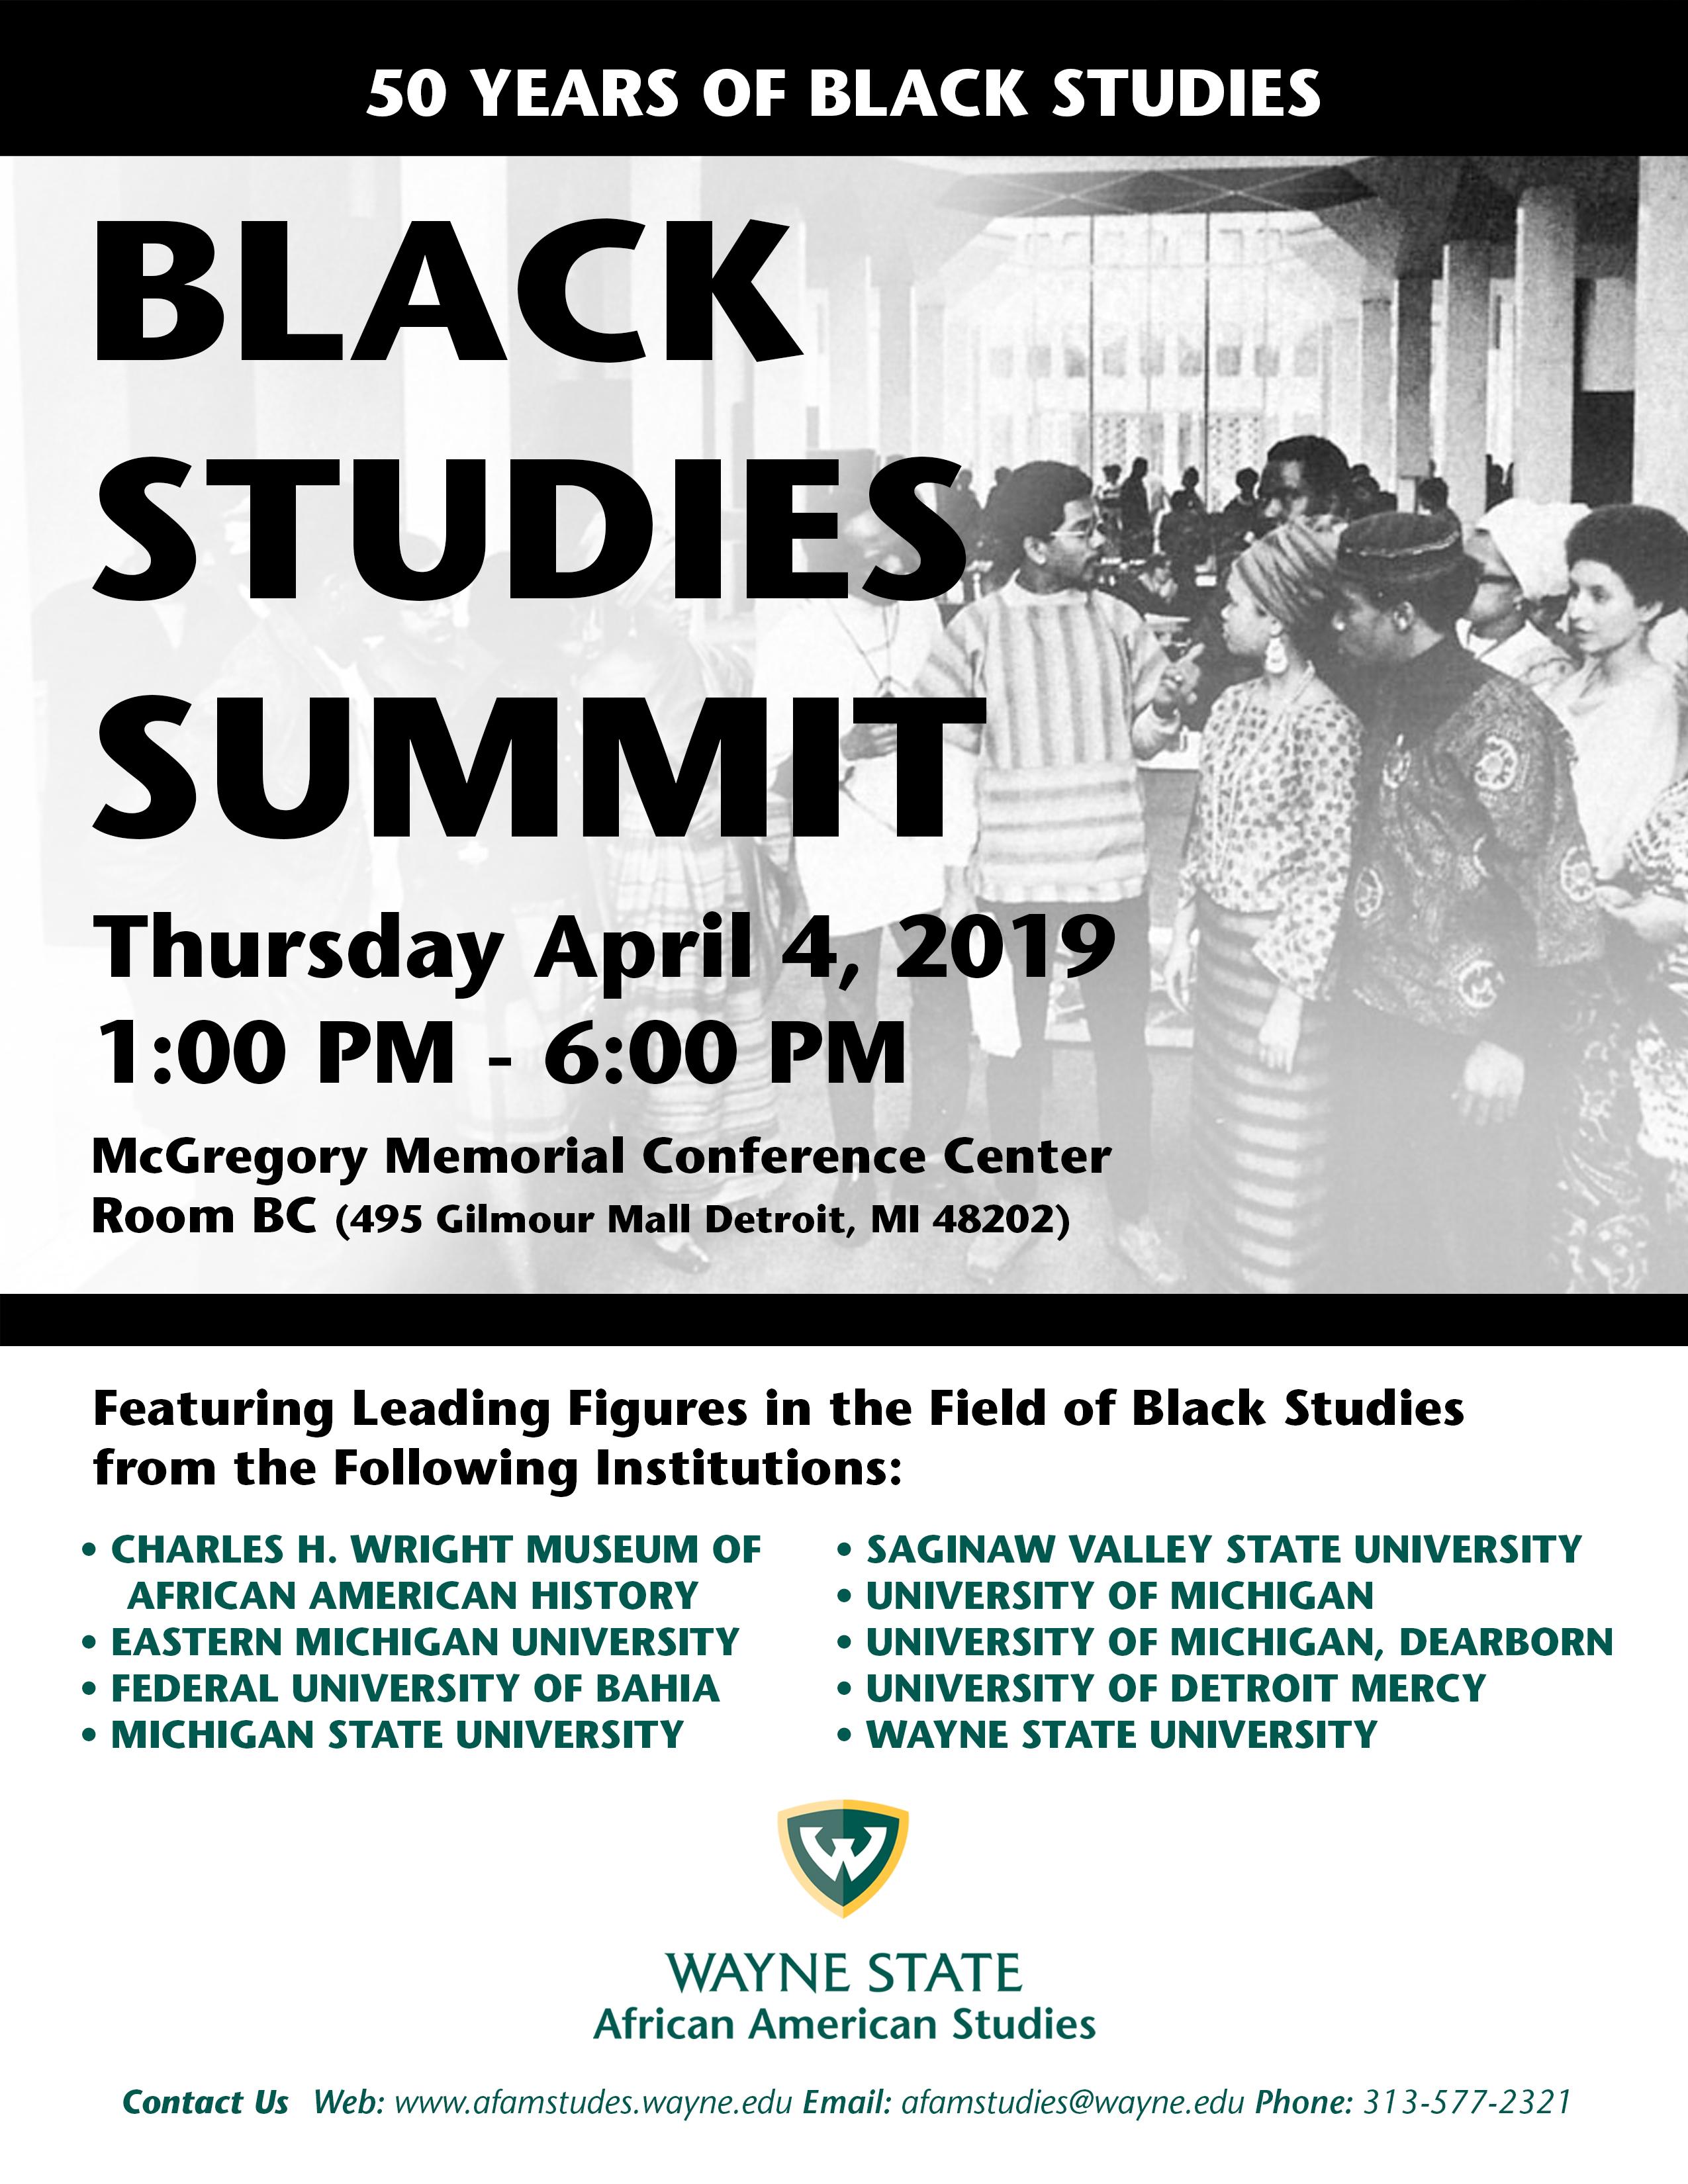 Black Studies Summit